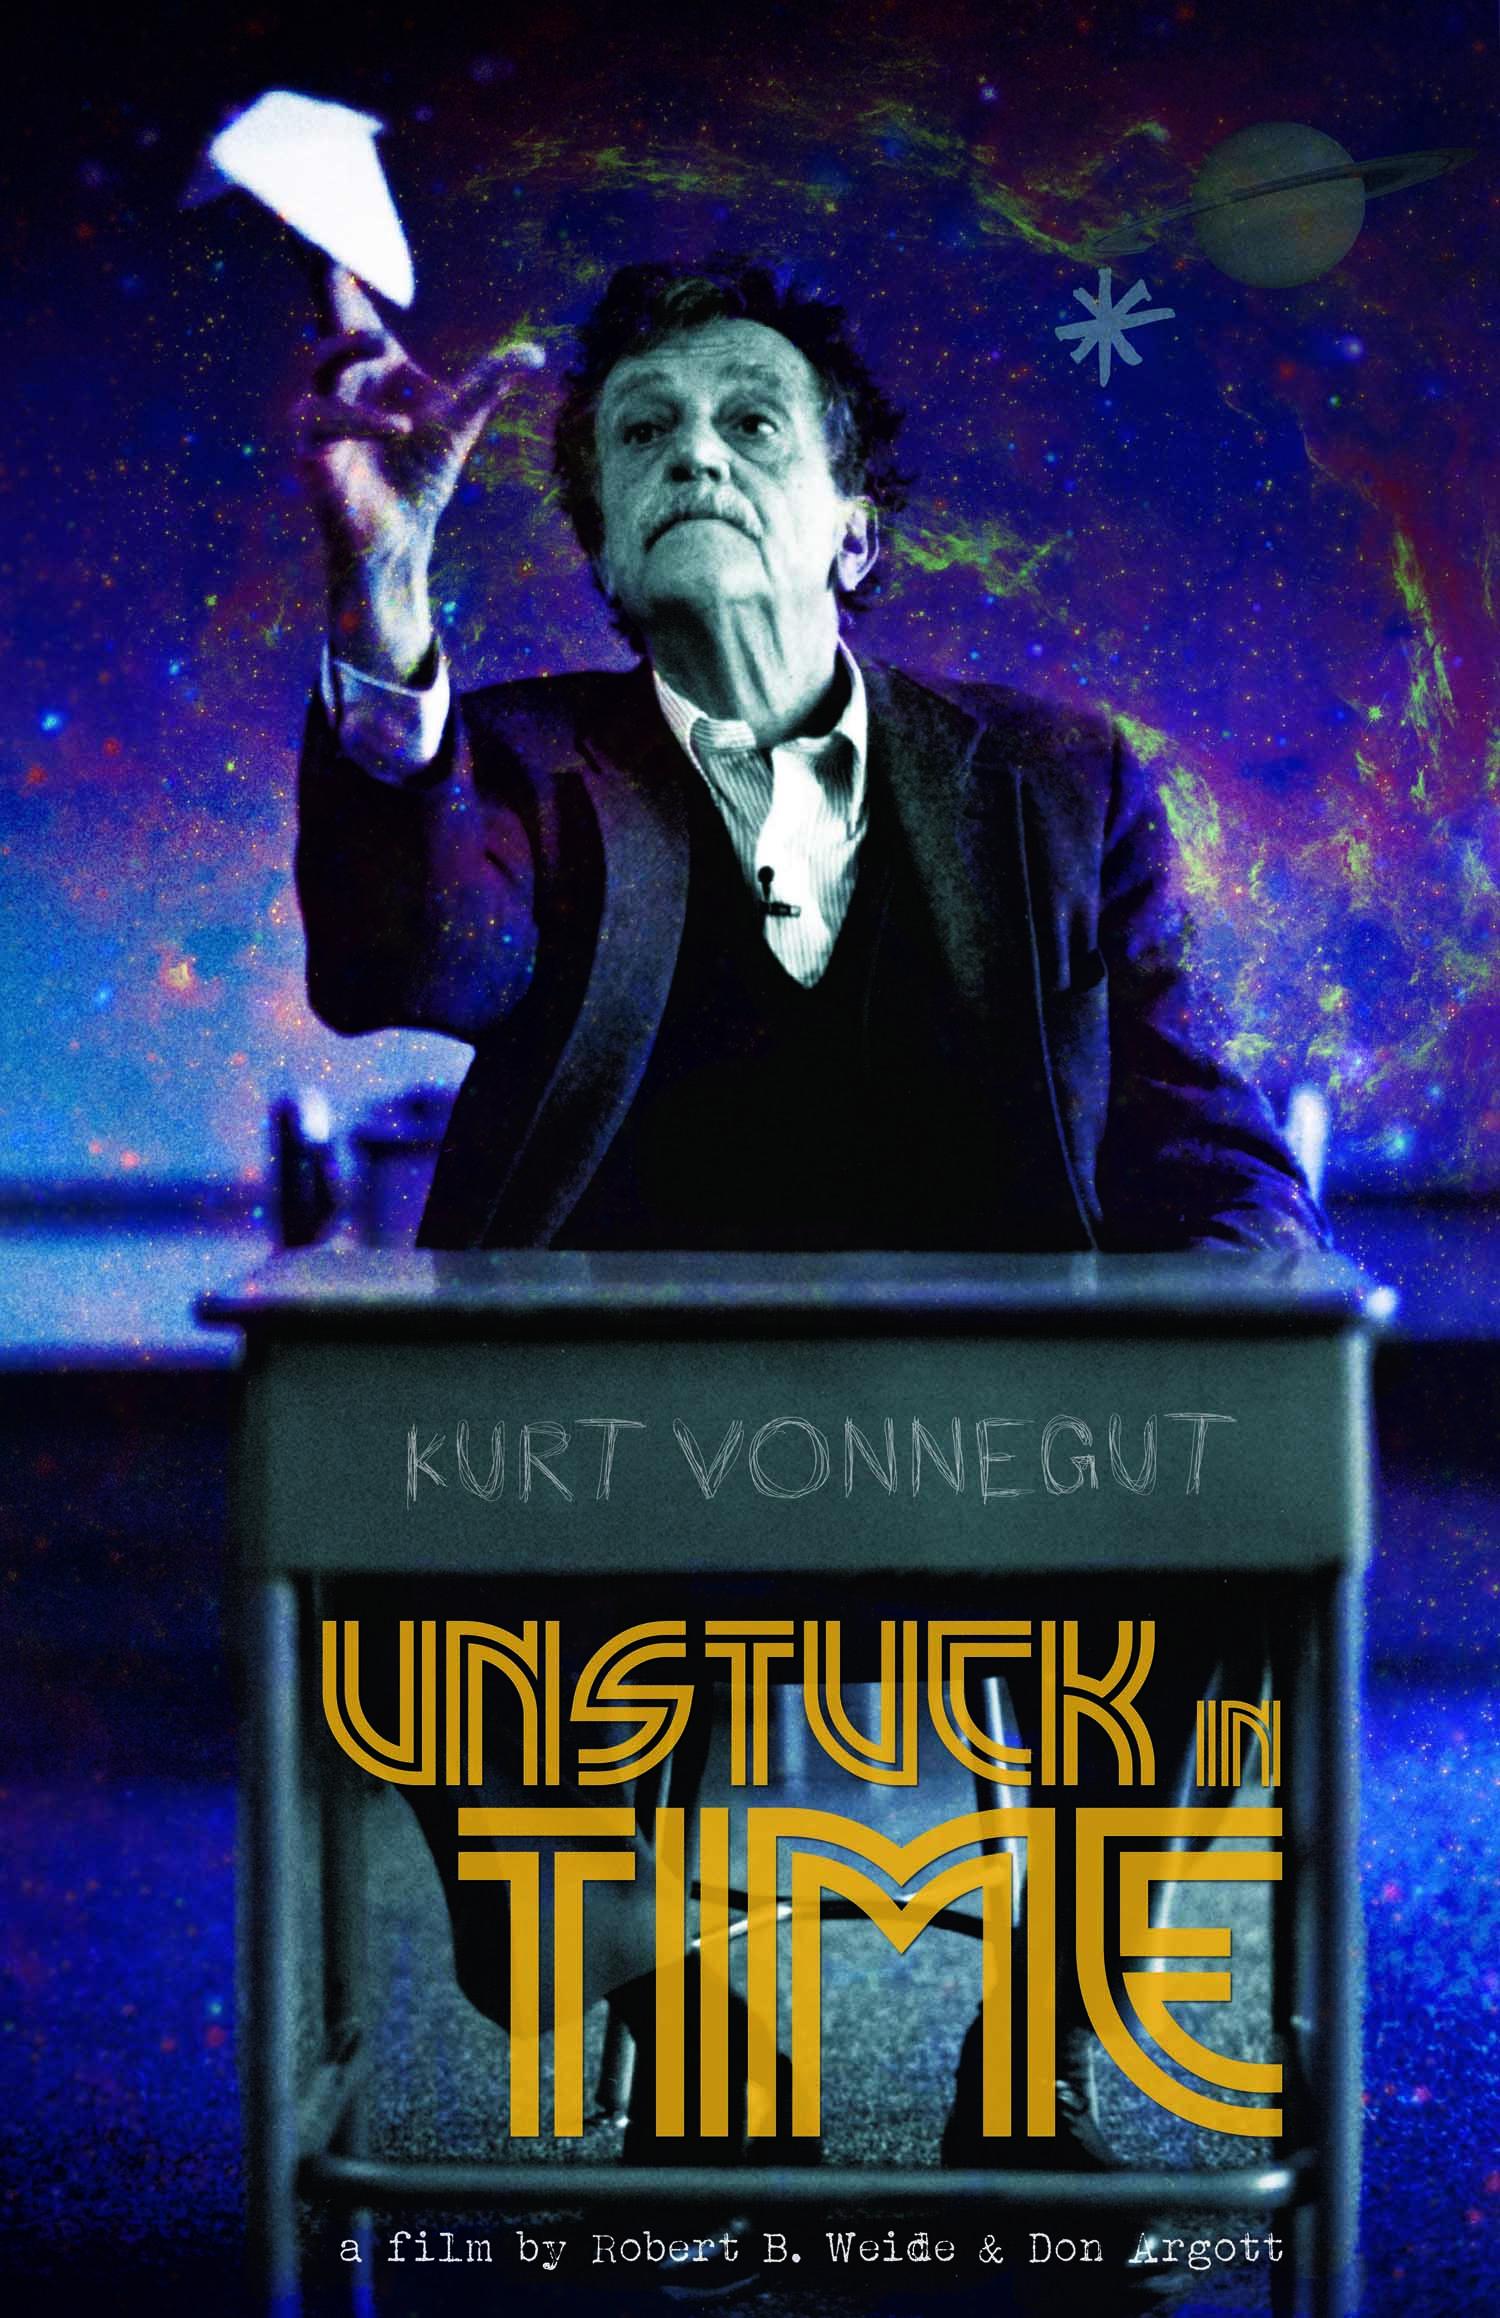 Poster for Kurt Vonnegut: Unstuck in Time